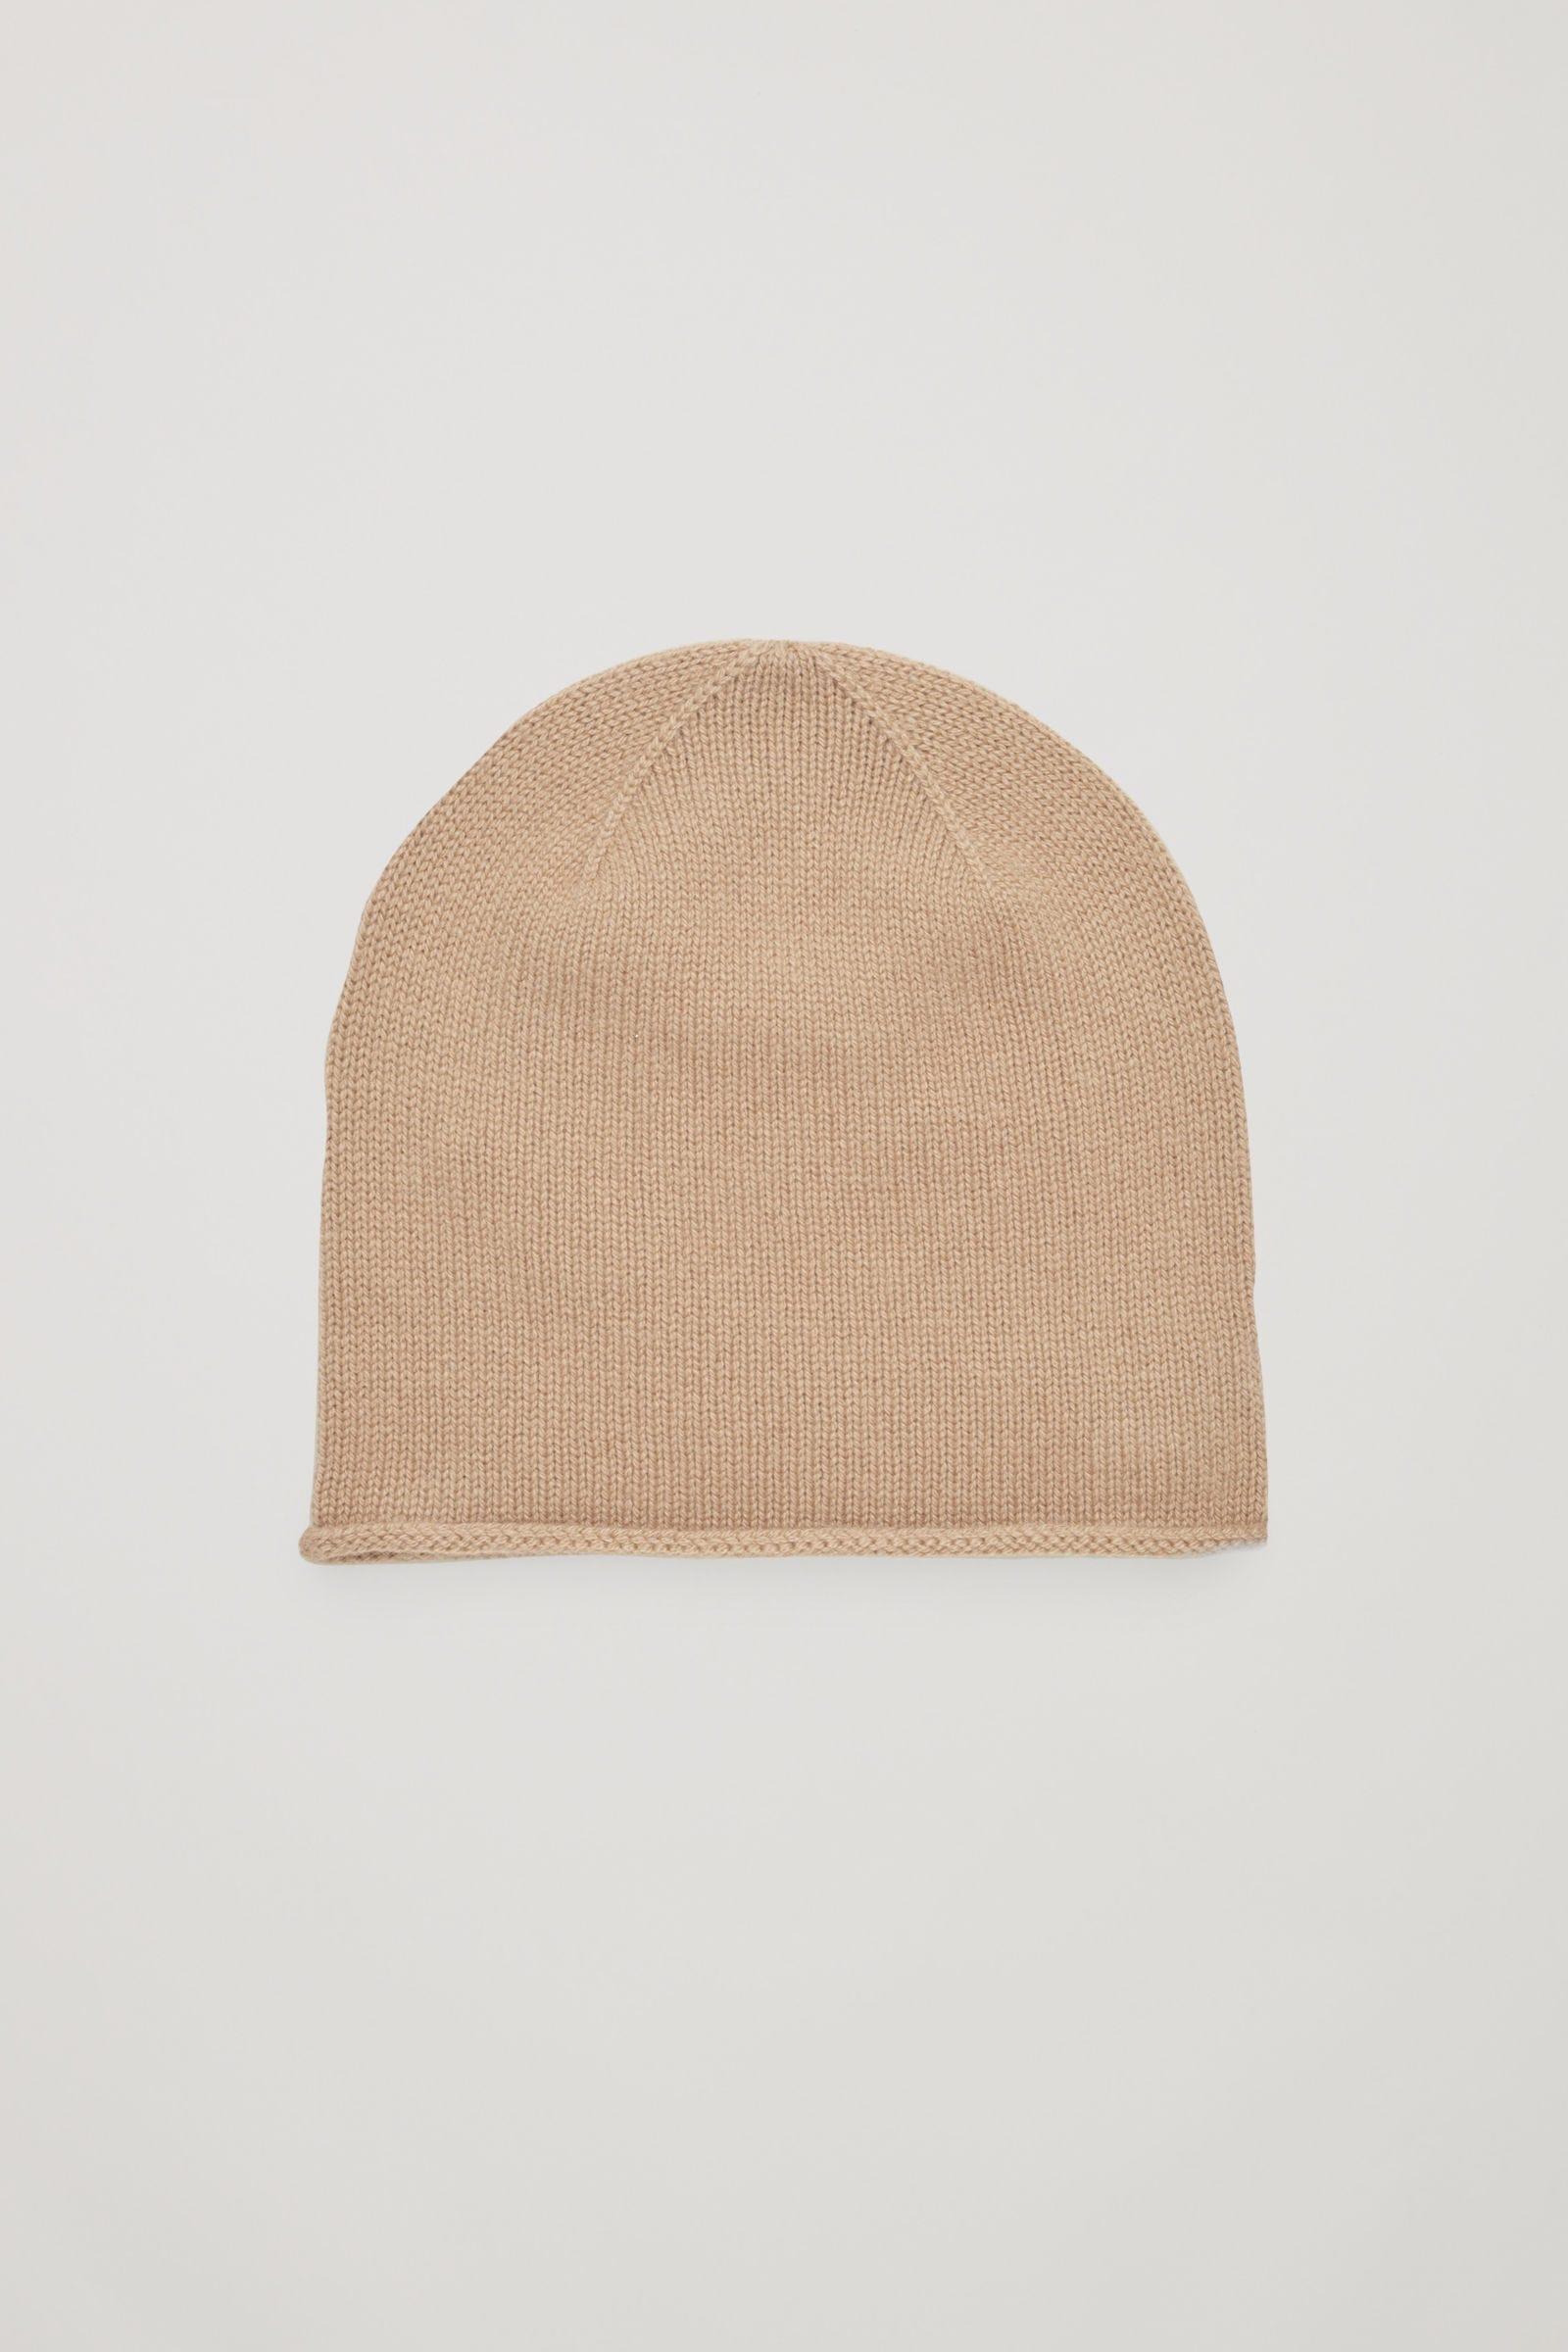 COS + Cashmere Hat 9760c3a41c2